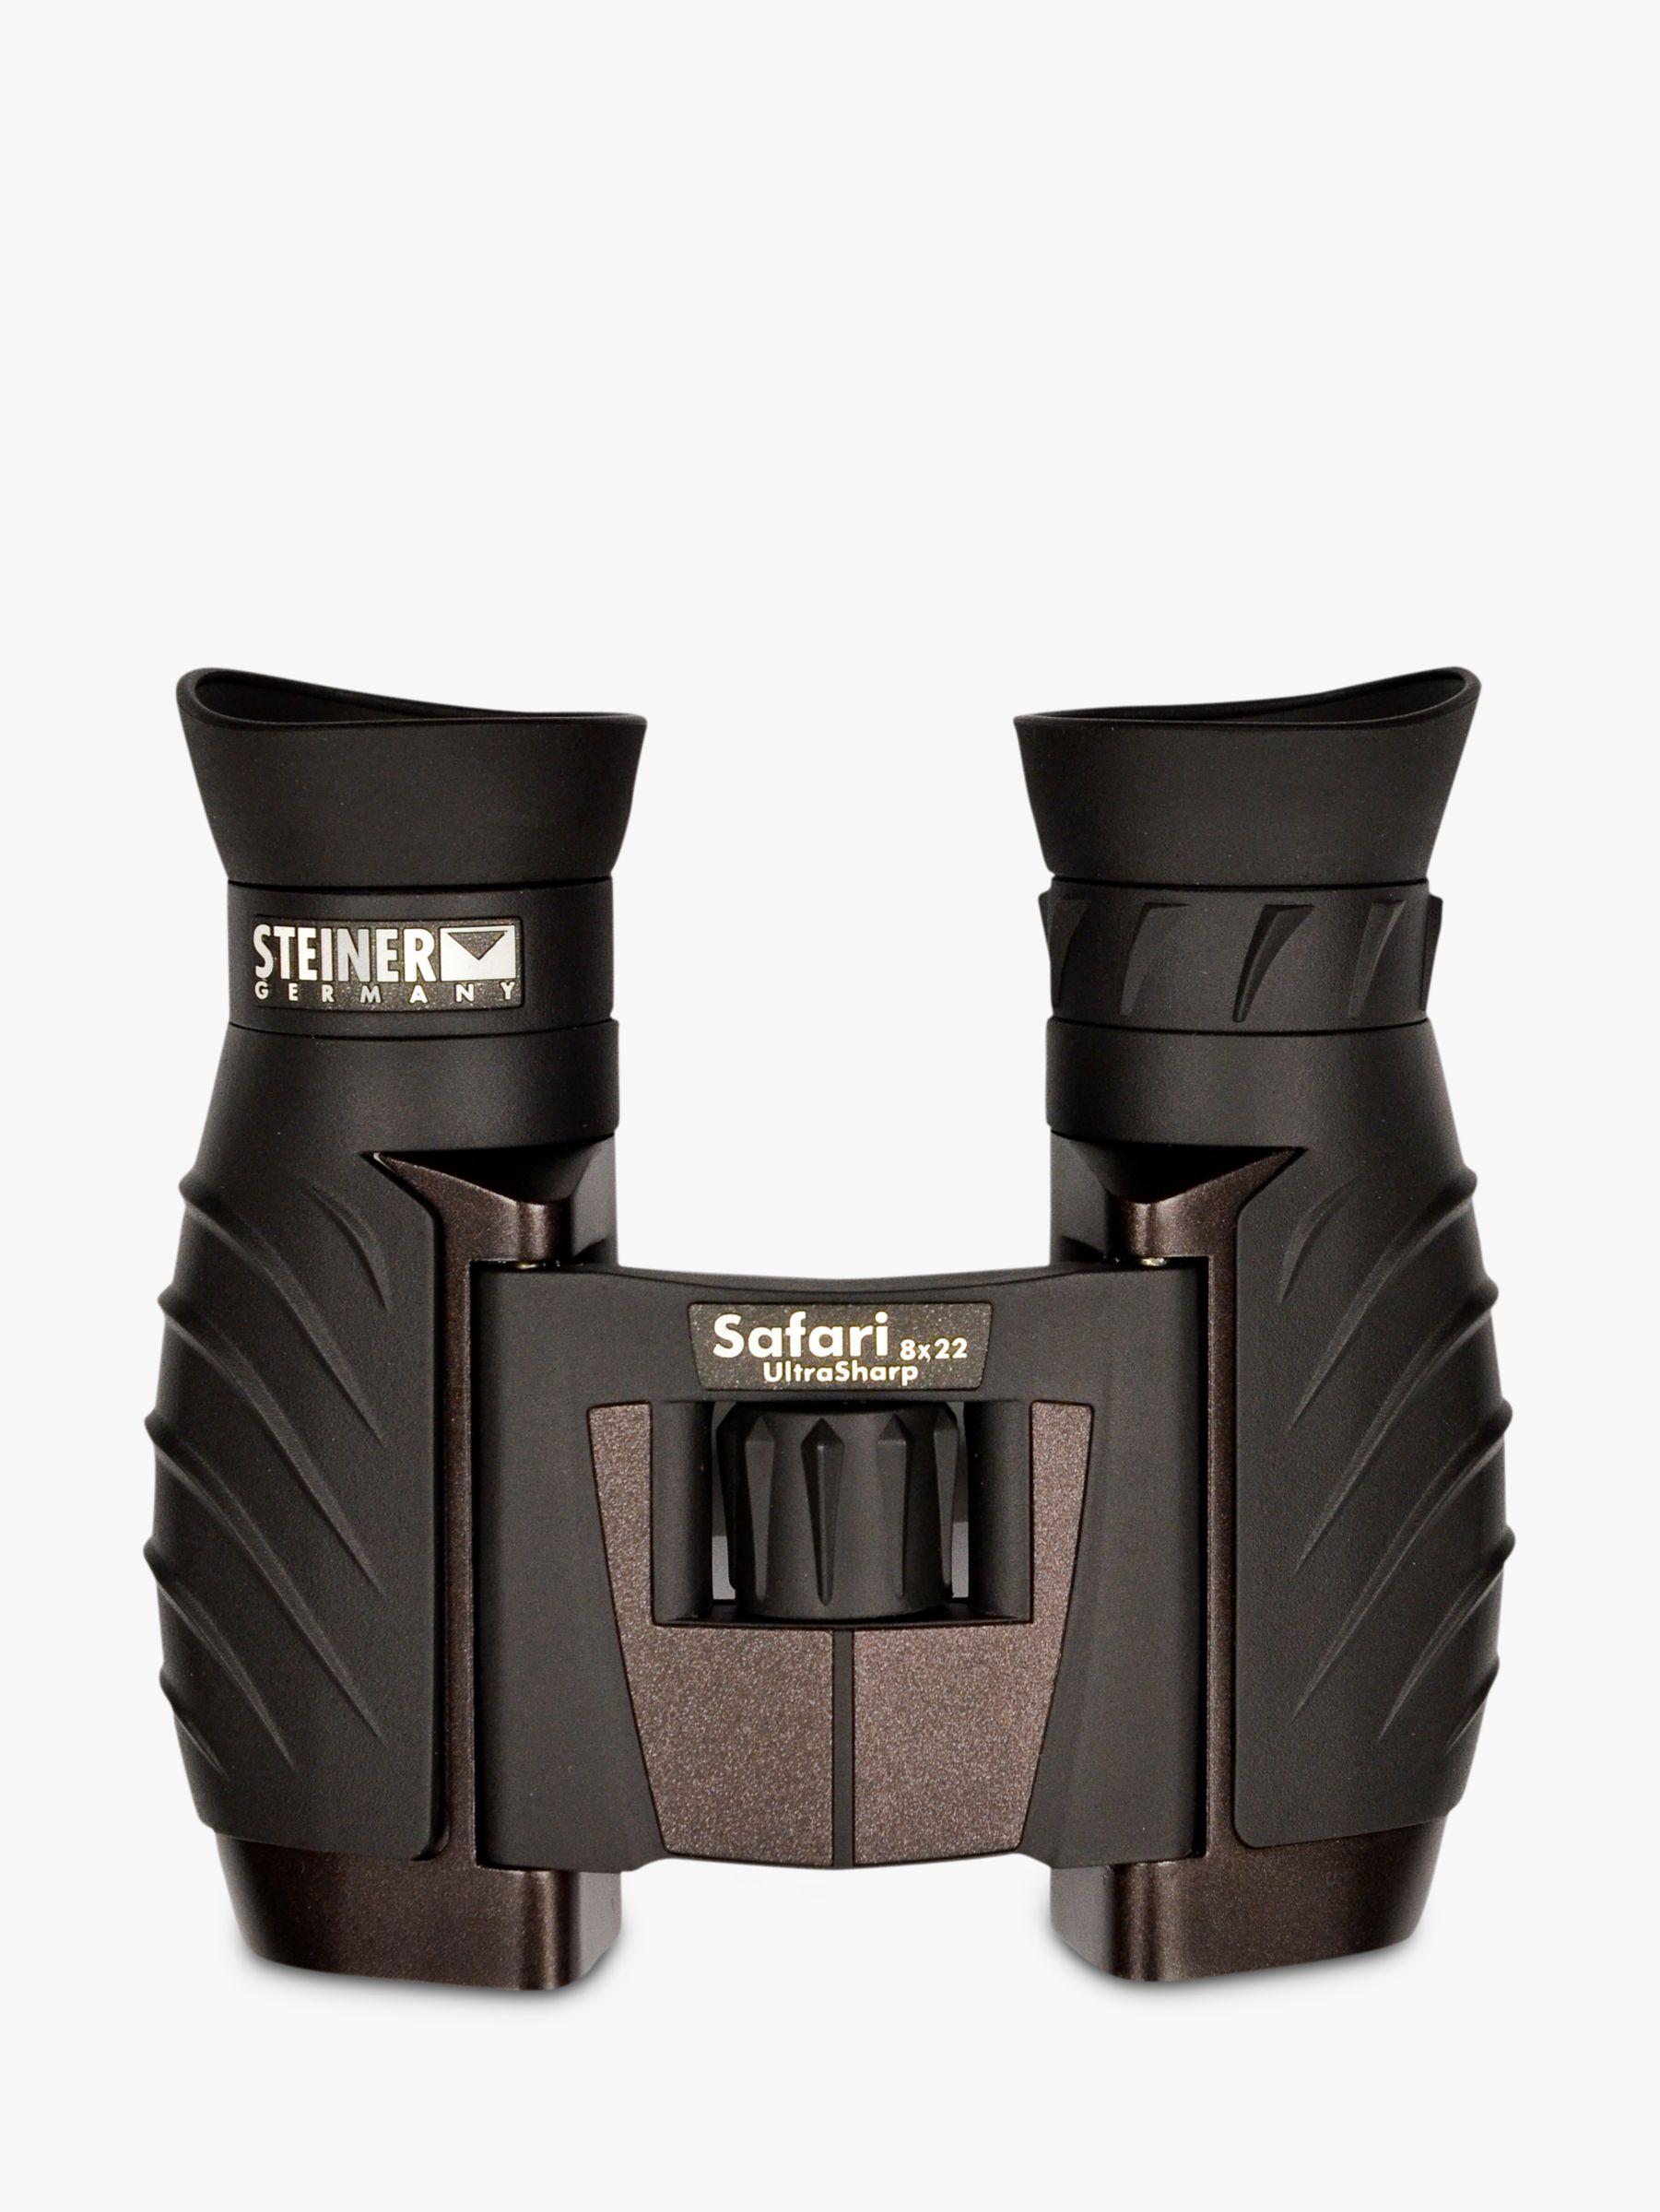 Steiner Steiner Safari Ultrasharp Binoculars, 8 x 22